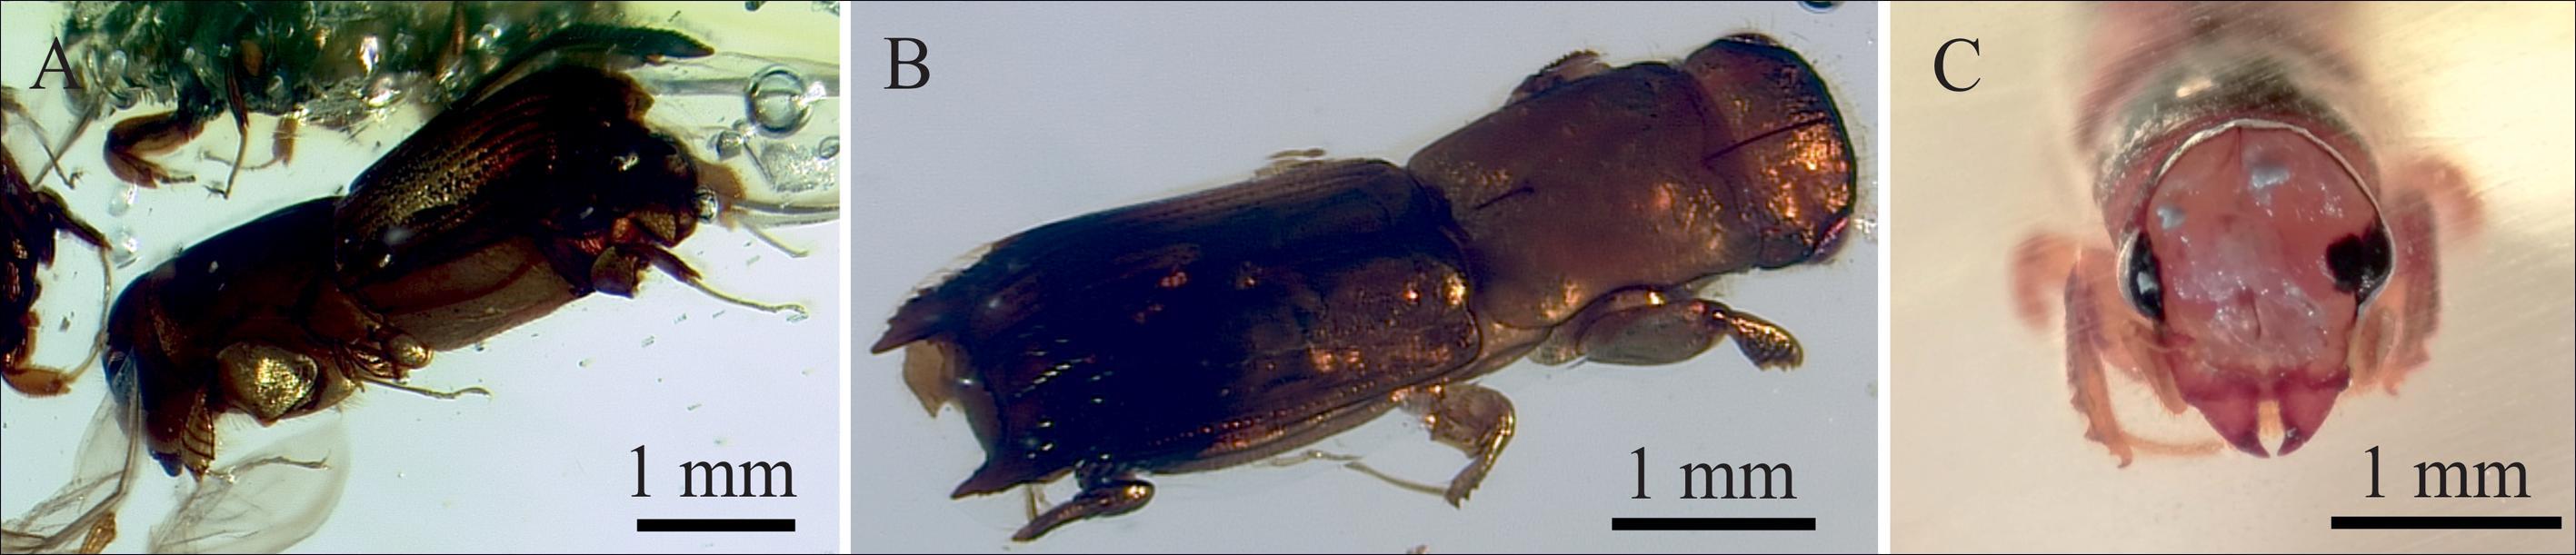 Ученые впервые извлекли ДНК насекомых из смолы